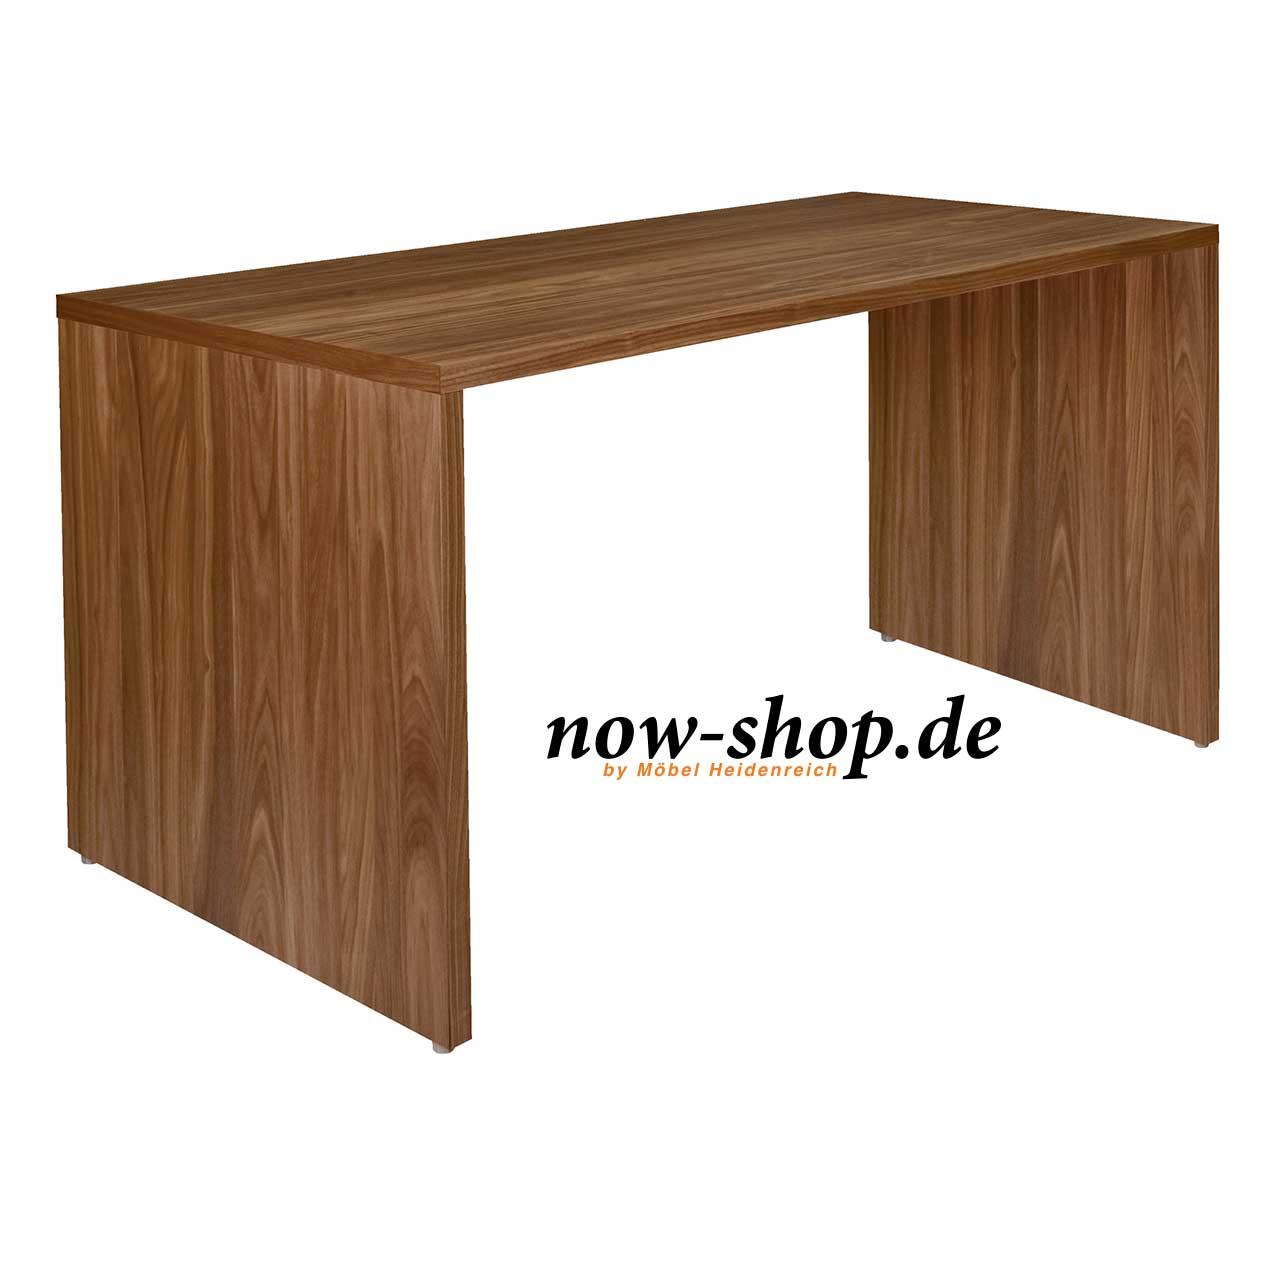 Attraktiv Schreibtisch 160x60 Das Beste Von Now! By Hülsta - Vision Sbaum  